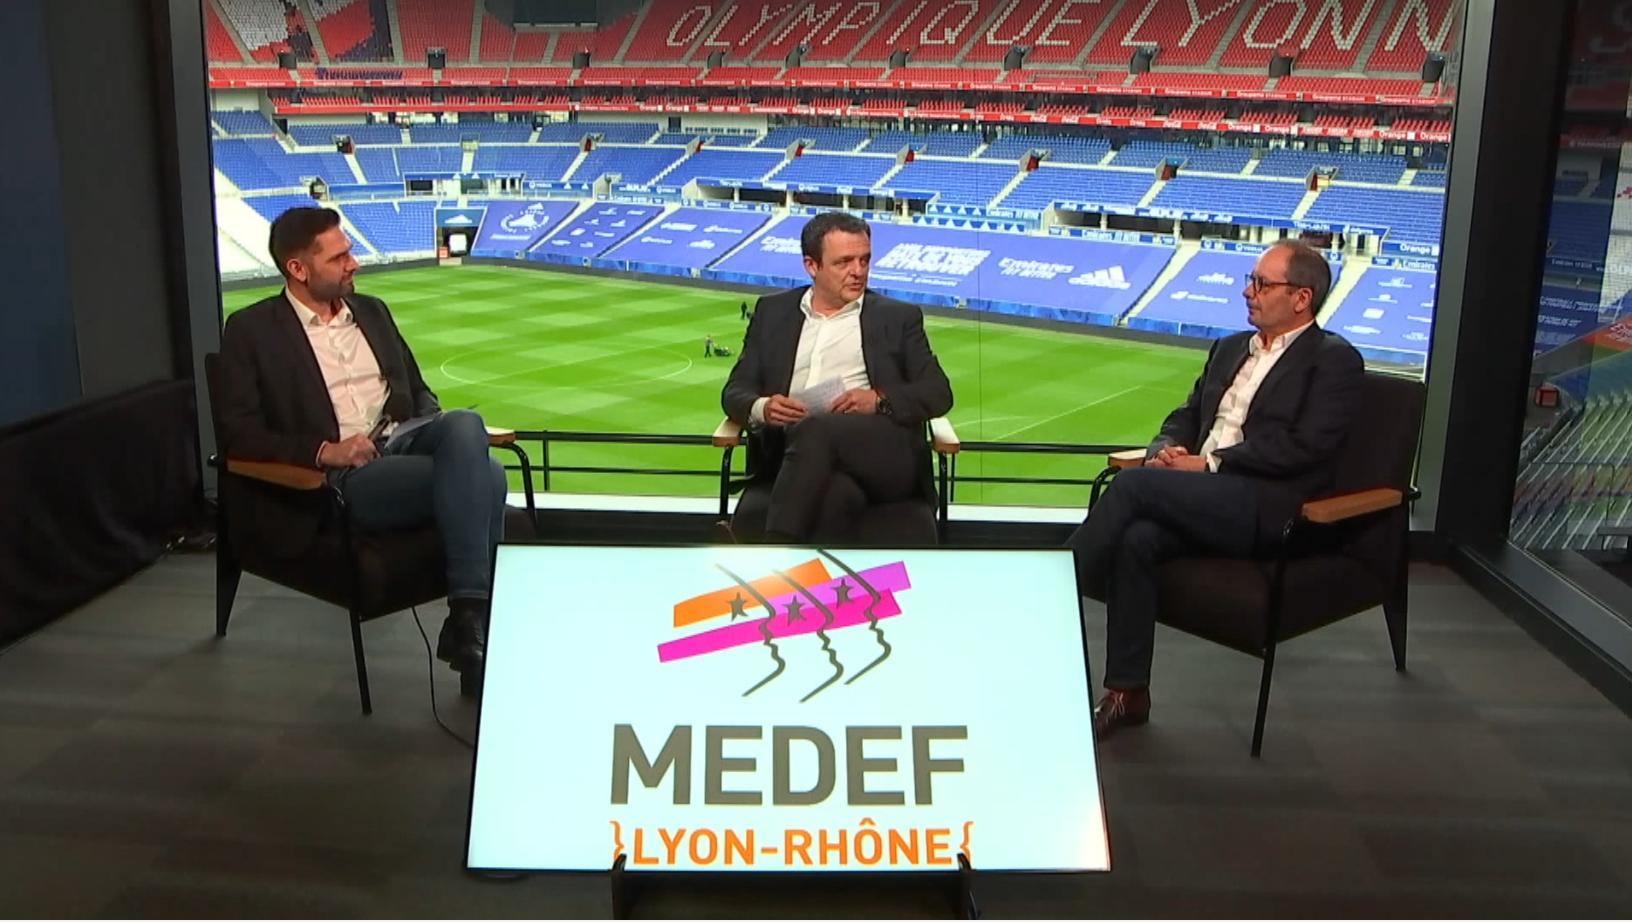 Passation de pouvoir et voeux entre les Présidents du MEDEF Lyon-Rhône : Laurent Fiard, Président de 2014 à 2020 et Vice-Président depuis 2021, et Gilles Courteix, de Courteix Bâtiment, ancien Président de la FBTP Rhône et FFB AURA, Président du MEDEF Lyon-Rhône depuis 2021